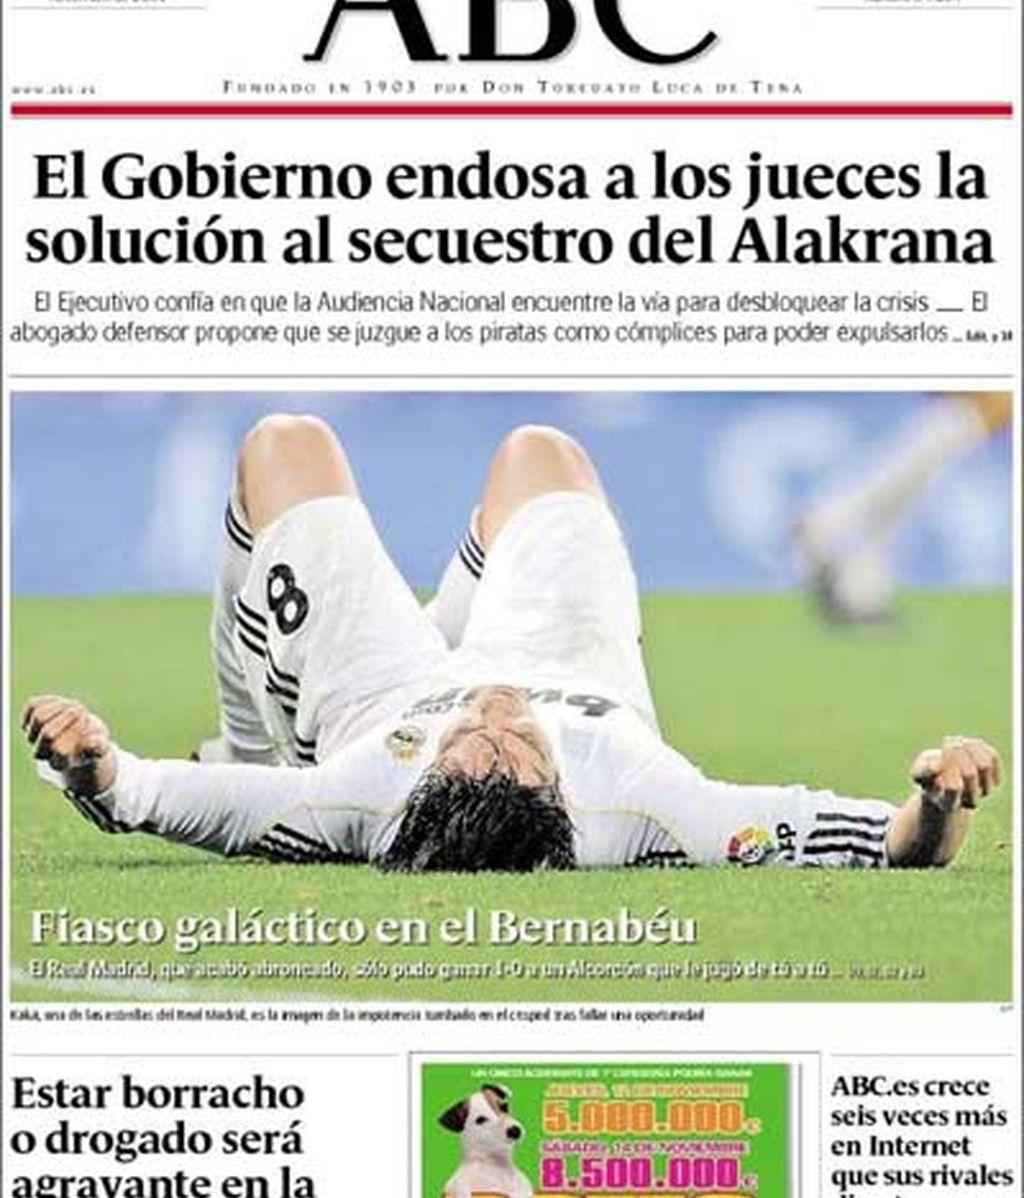 'Fiasco galáctico en el Bernabéu'